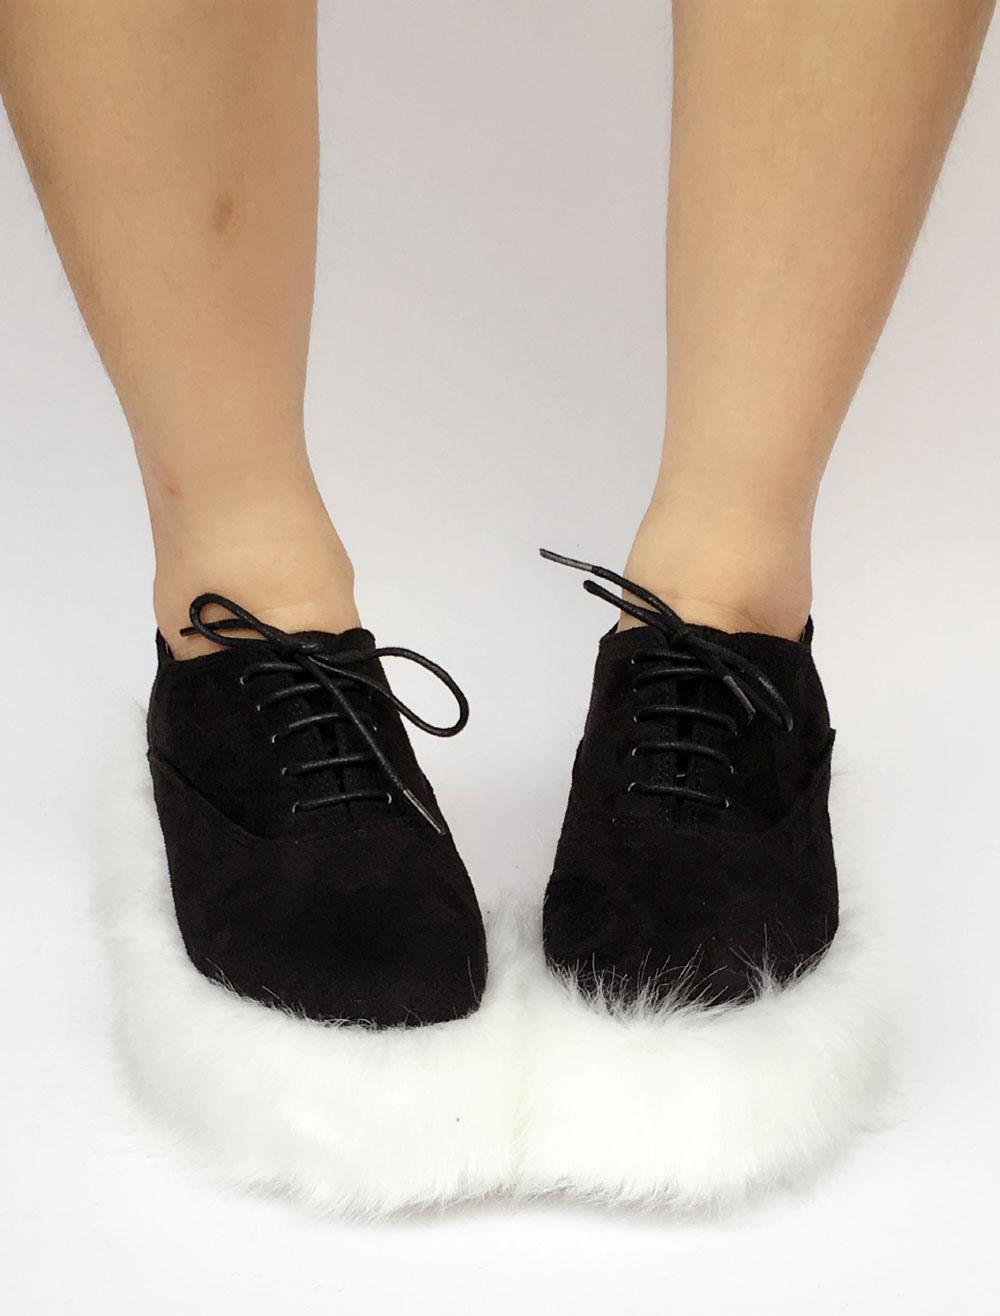 Sweet Lolita Shoes Faux Fur Sole Two Tone Lace Up Lolita Pumps